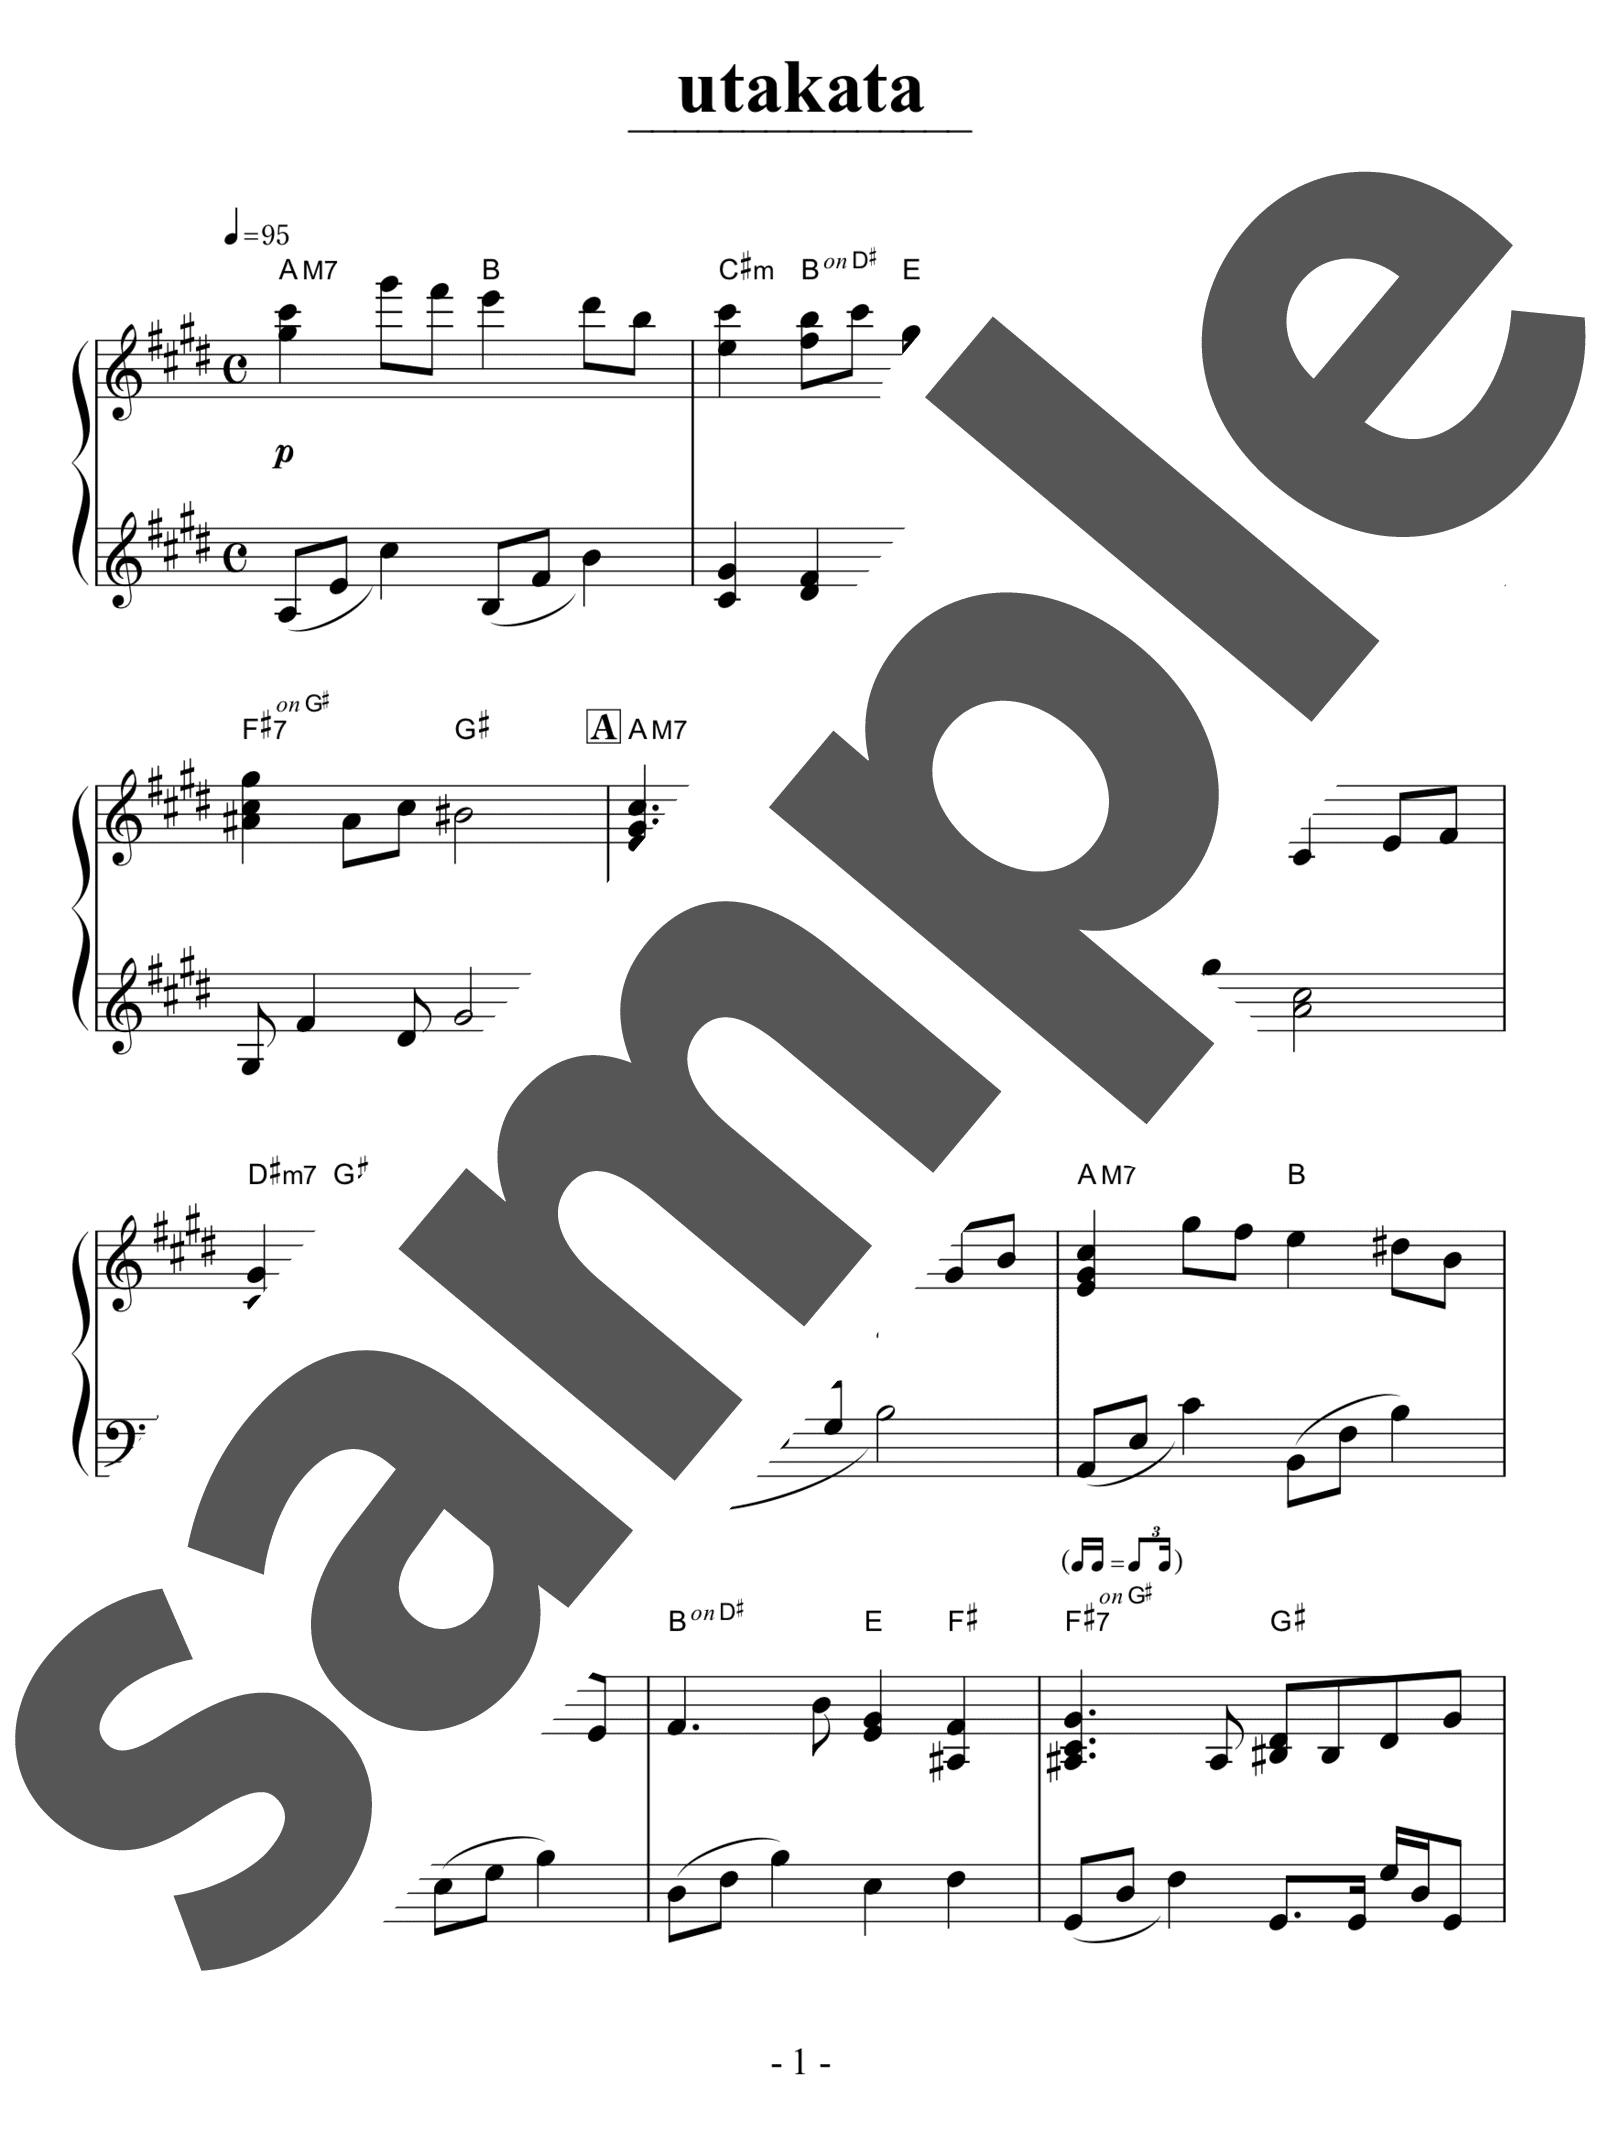 「Utakata」のサンプル楽譜